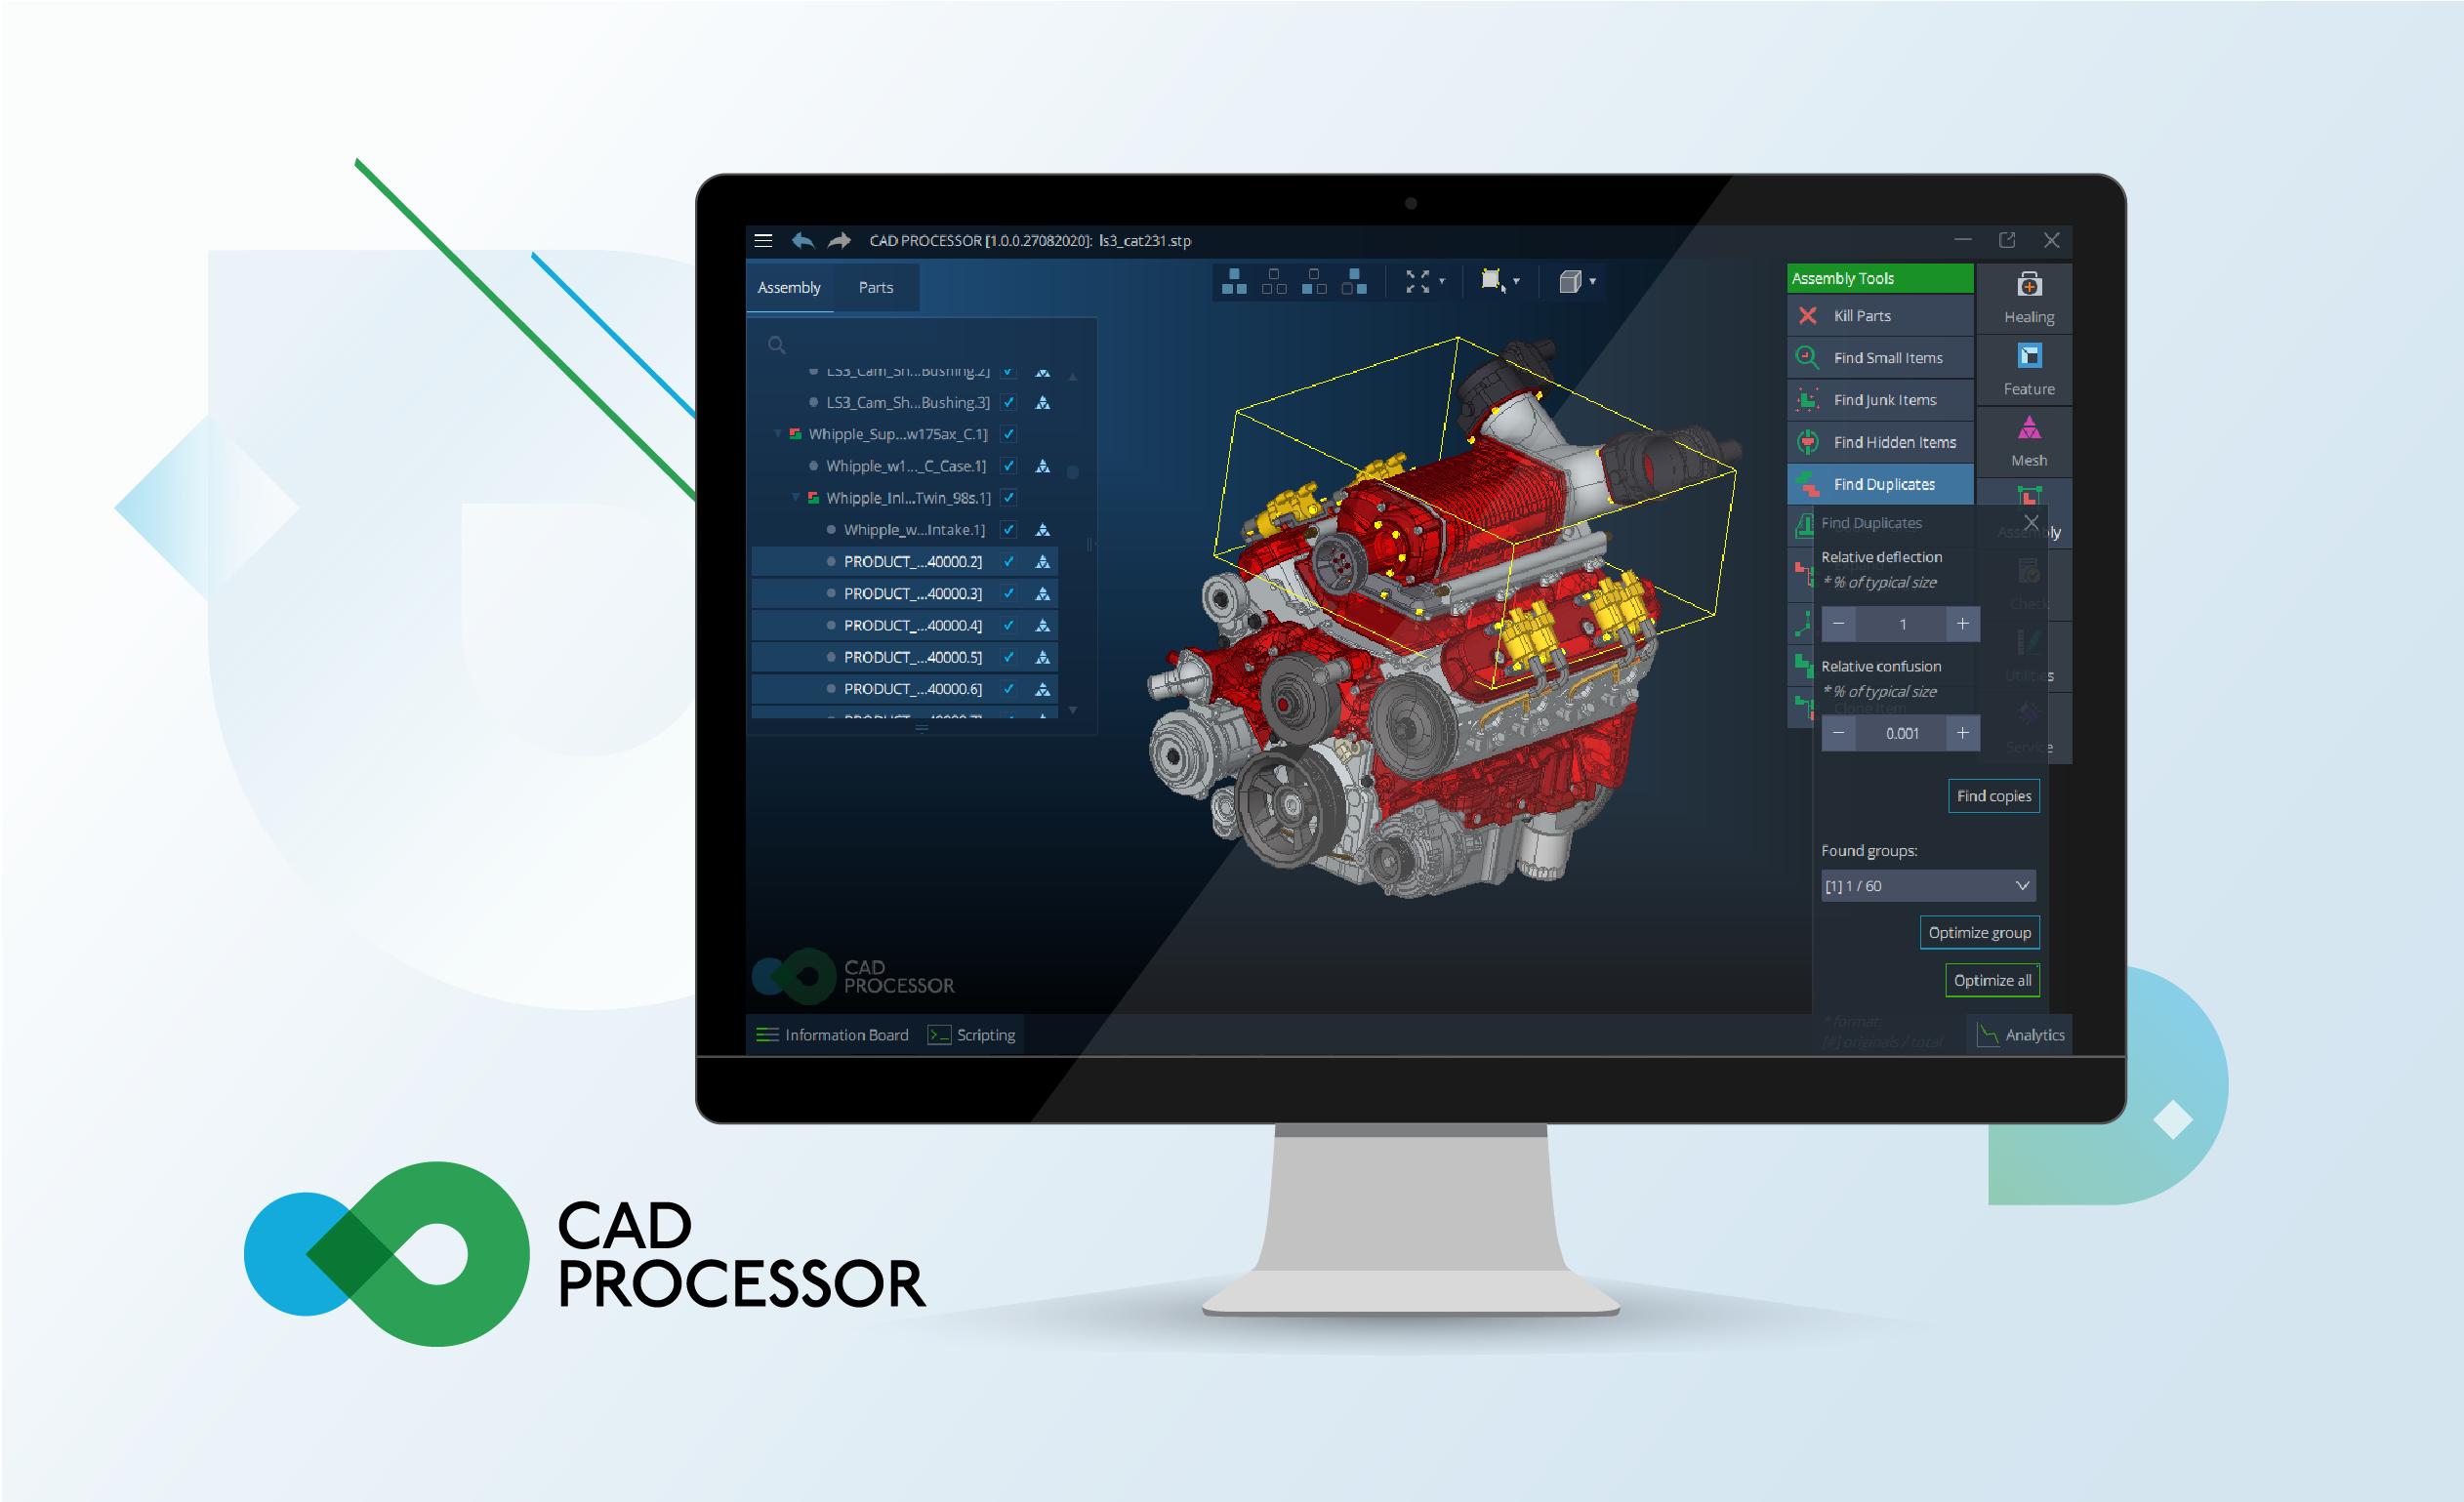 CAD Processor